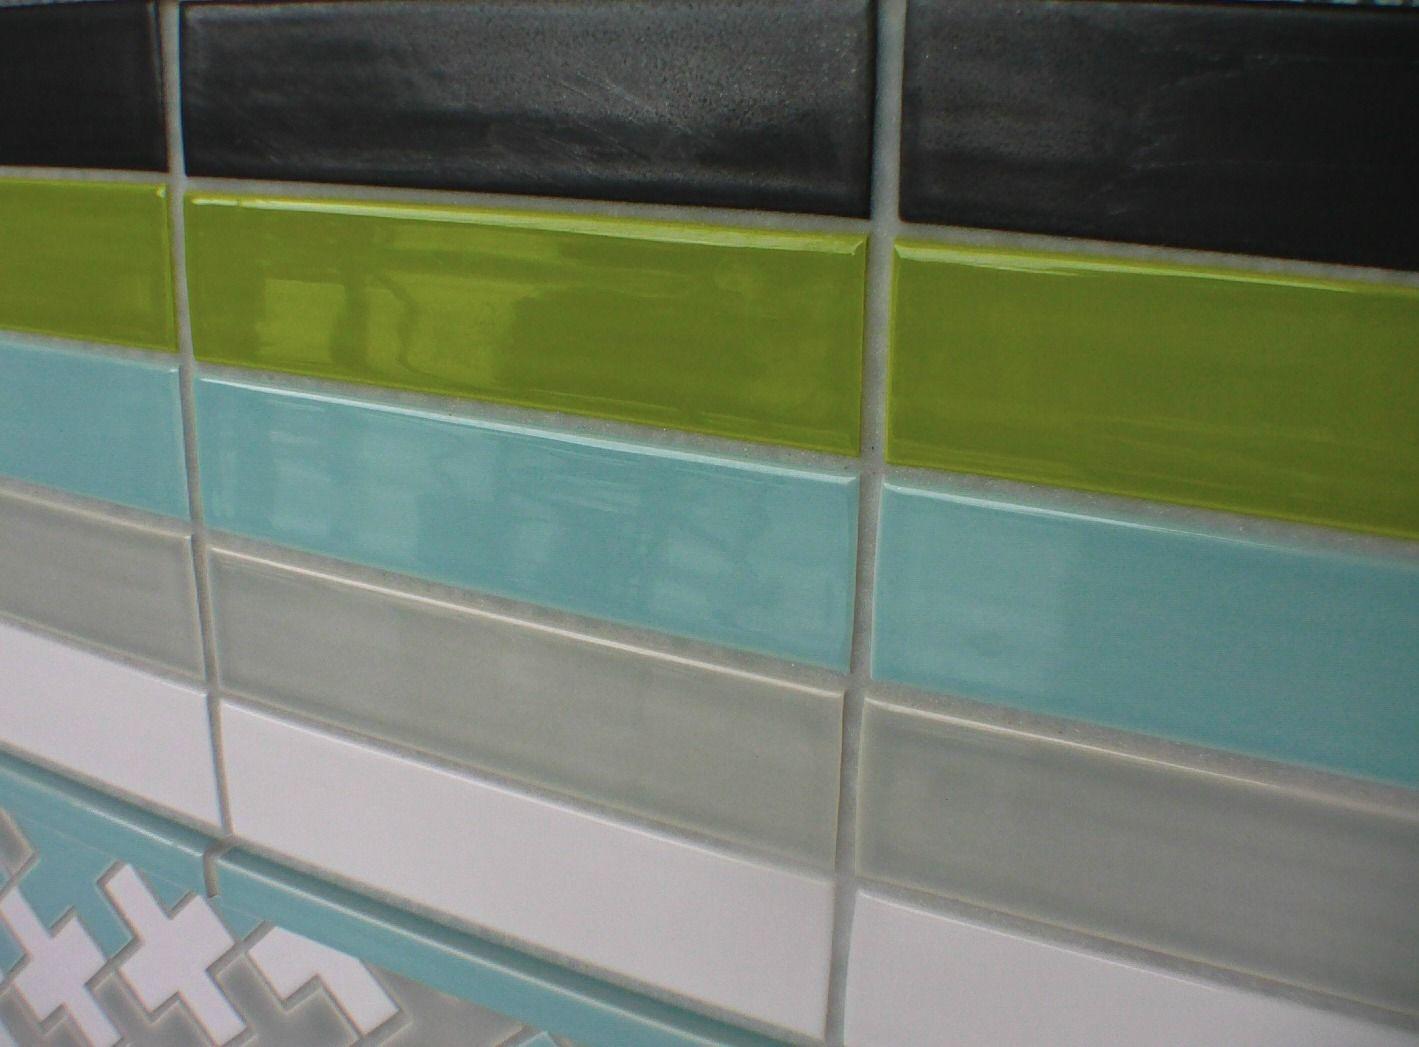 Fine 1 Ceramic Tile Tiny 12X12 Cork Floor Tiles Round 12X24 Floor Tile Patterns 13X13 Ceramic Tile Young 16 Ceramic Tile Green2 X 4 White Subway Tile 2x8 Ceramic Subway Tile From Modwalls Installed Straight Joint ..